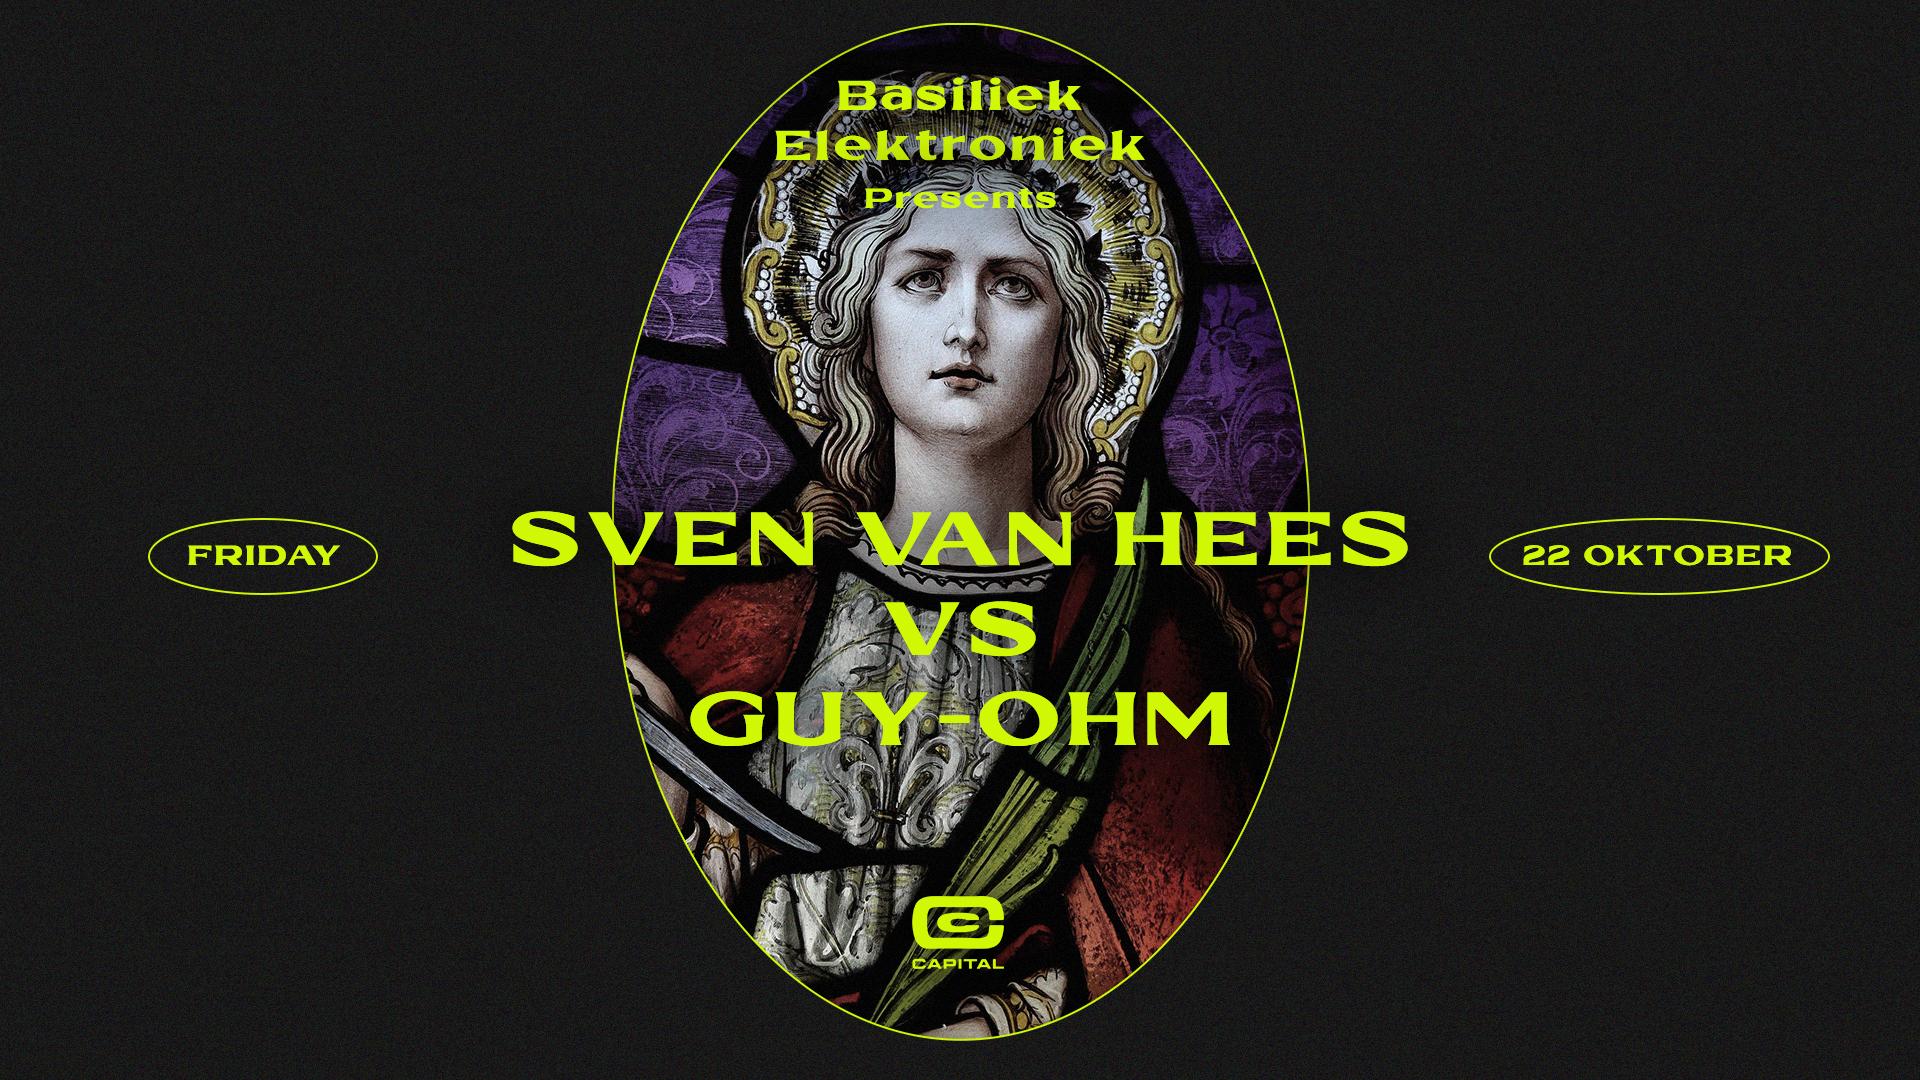 Basiliek Elektroniek - Sven Van Hees vs. Guy-Ohm